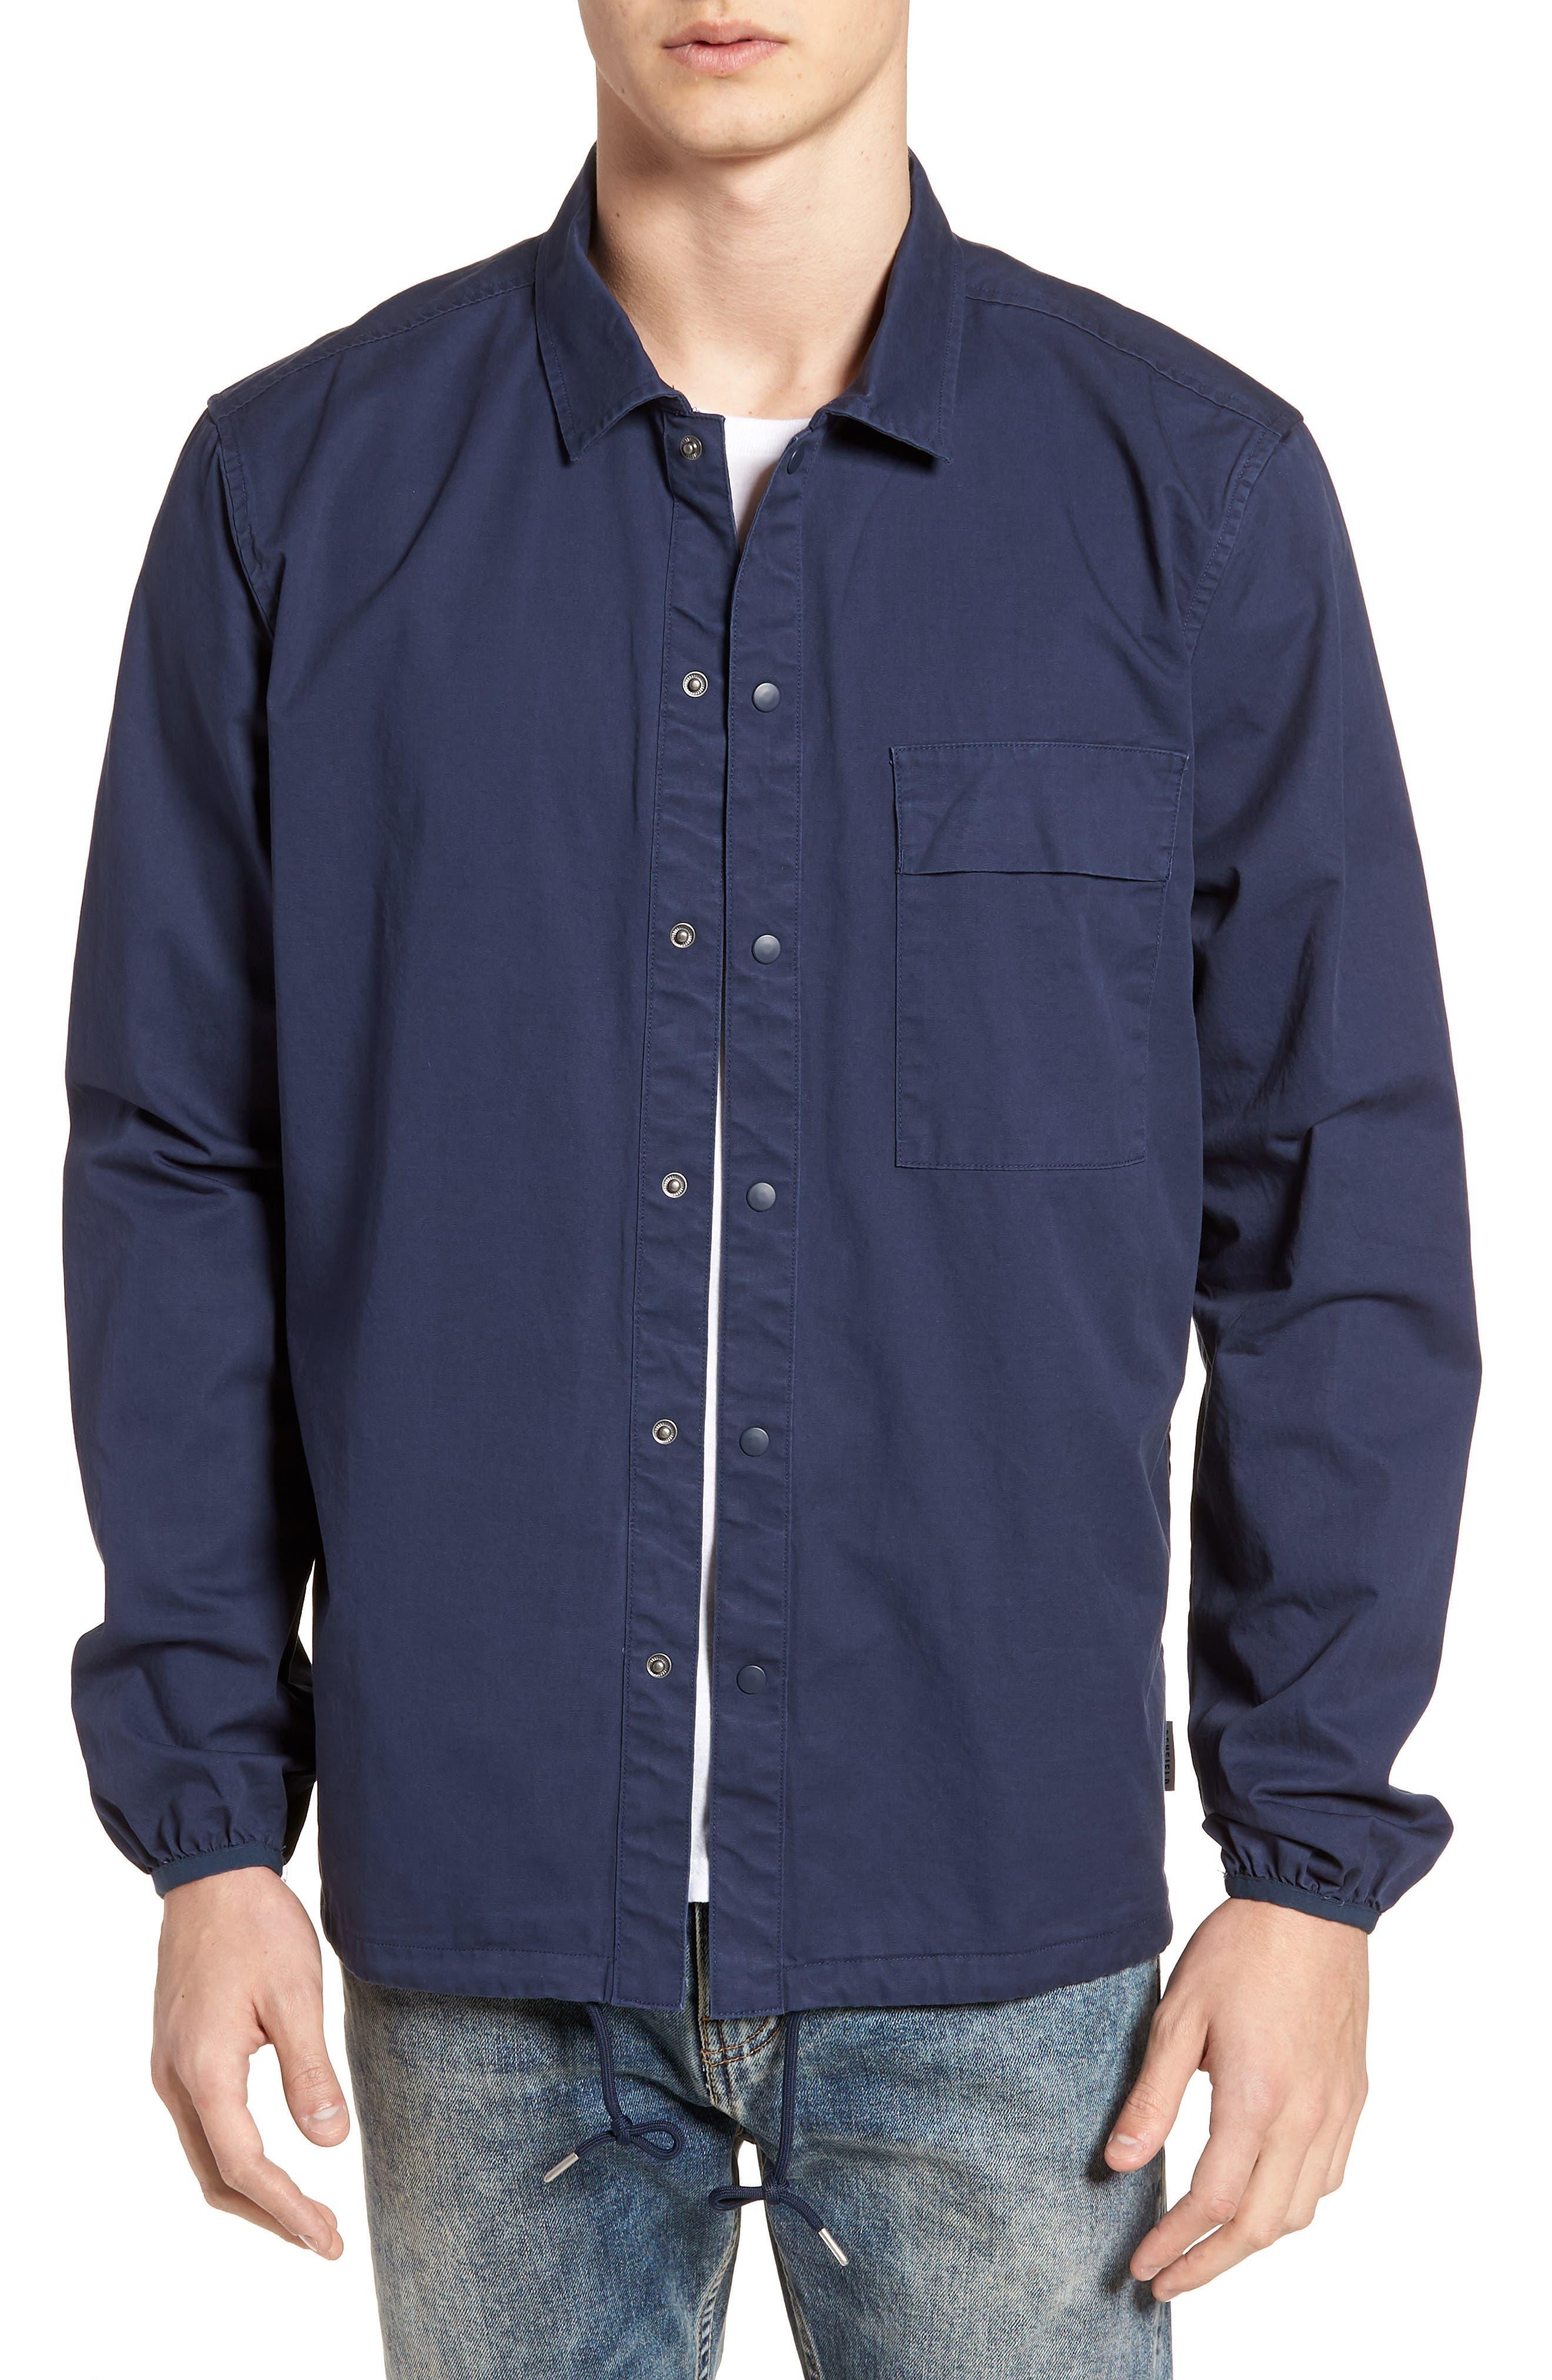 Blackstone Shirt Jacket,                             Main thumbnail 1, color,                             400